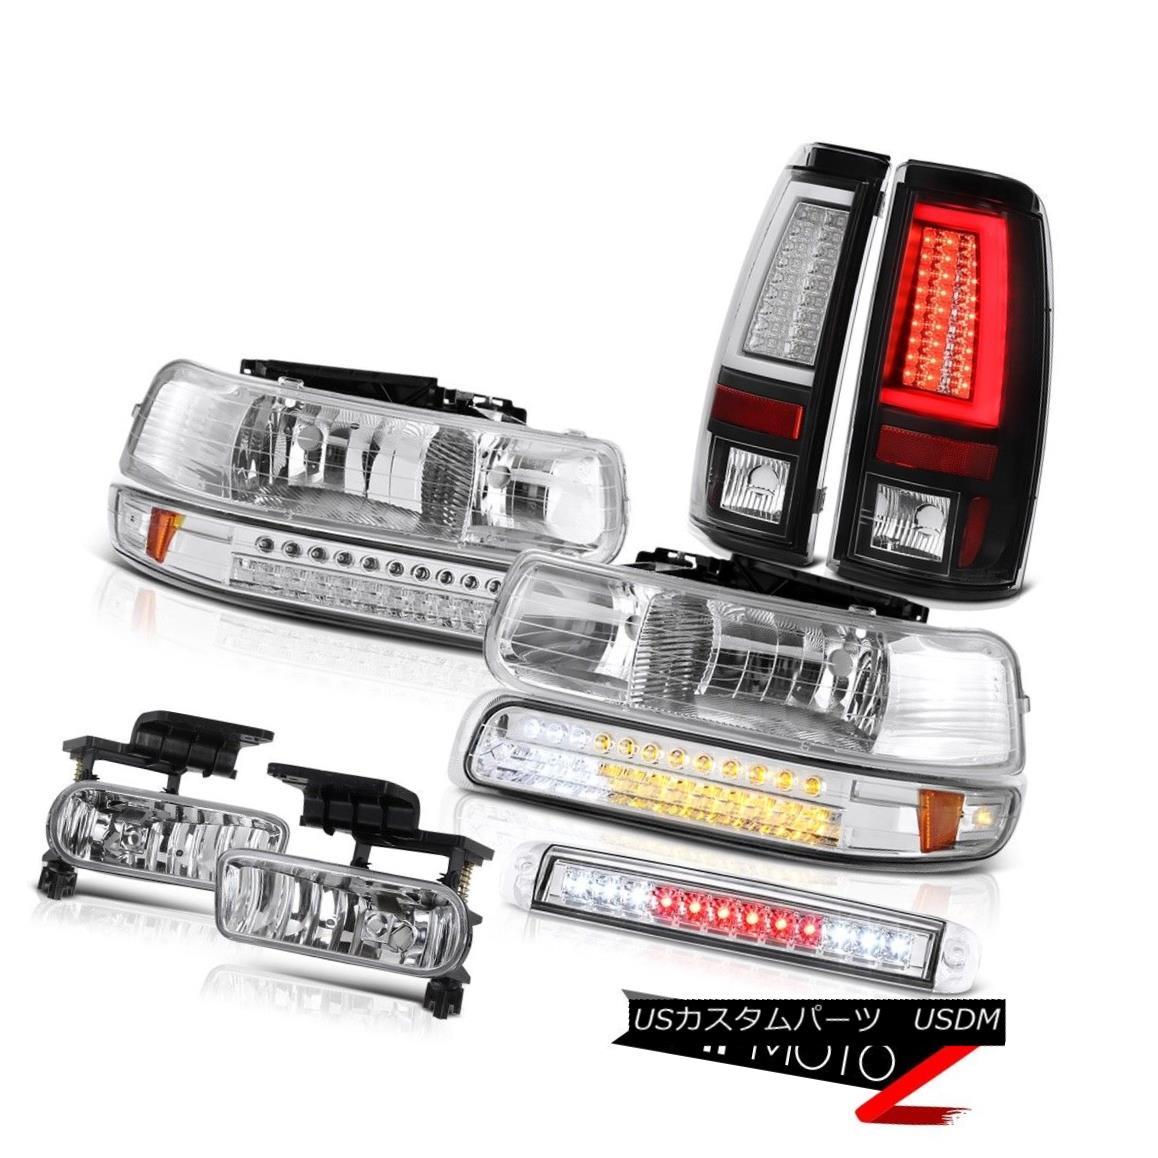 テールライト 99 00 01 02 Silverado 3500HD Tail Lamps Roof Cargo Light Headlamps Foglamps LED 99 00 01 02 Silverado 3500HDテールランプ屋根カーゴライトヘッドランプフォグランプLED